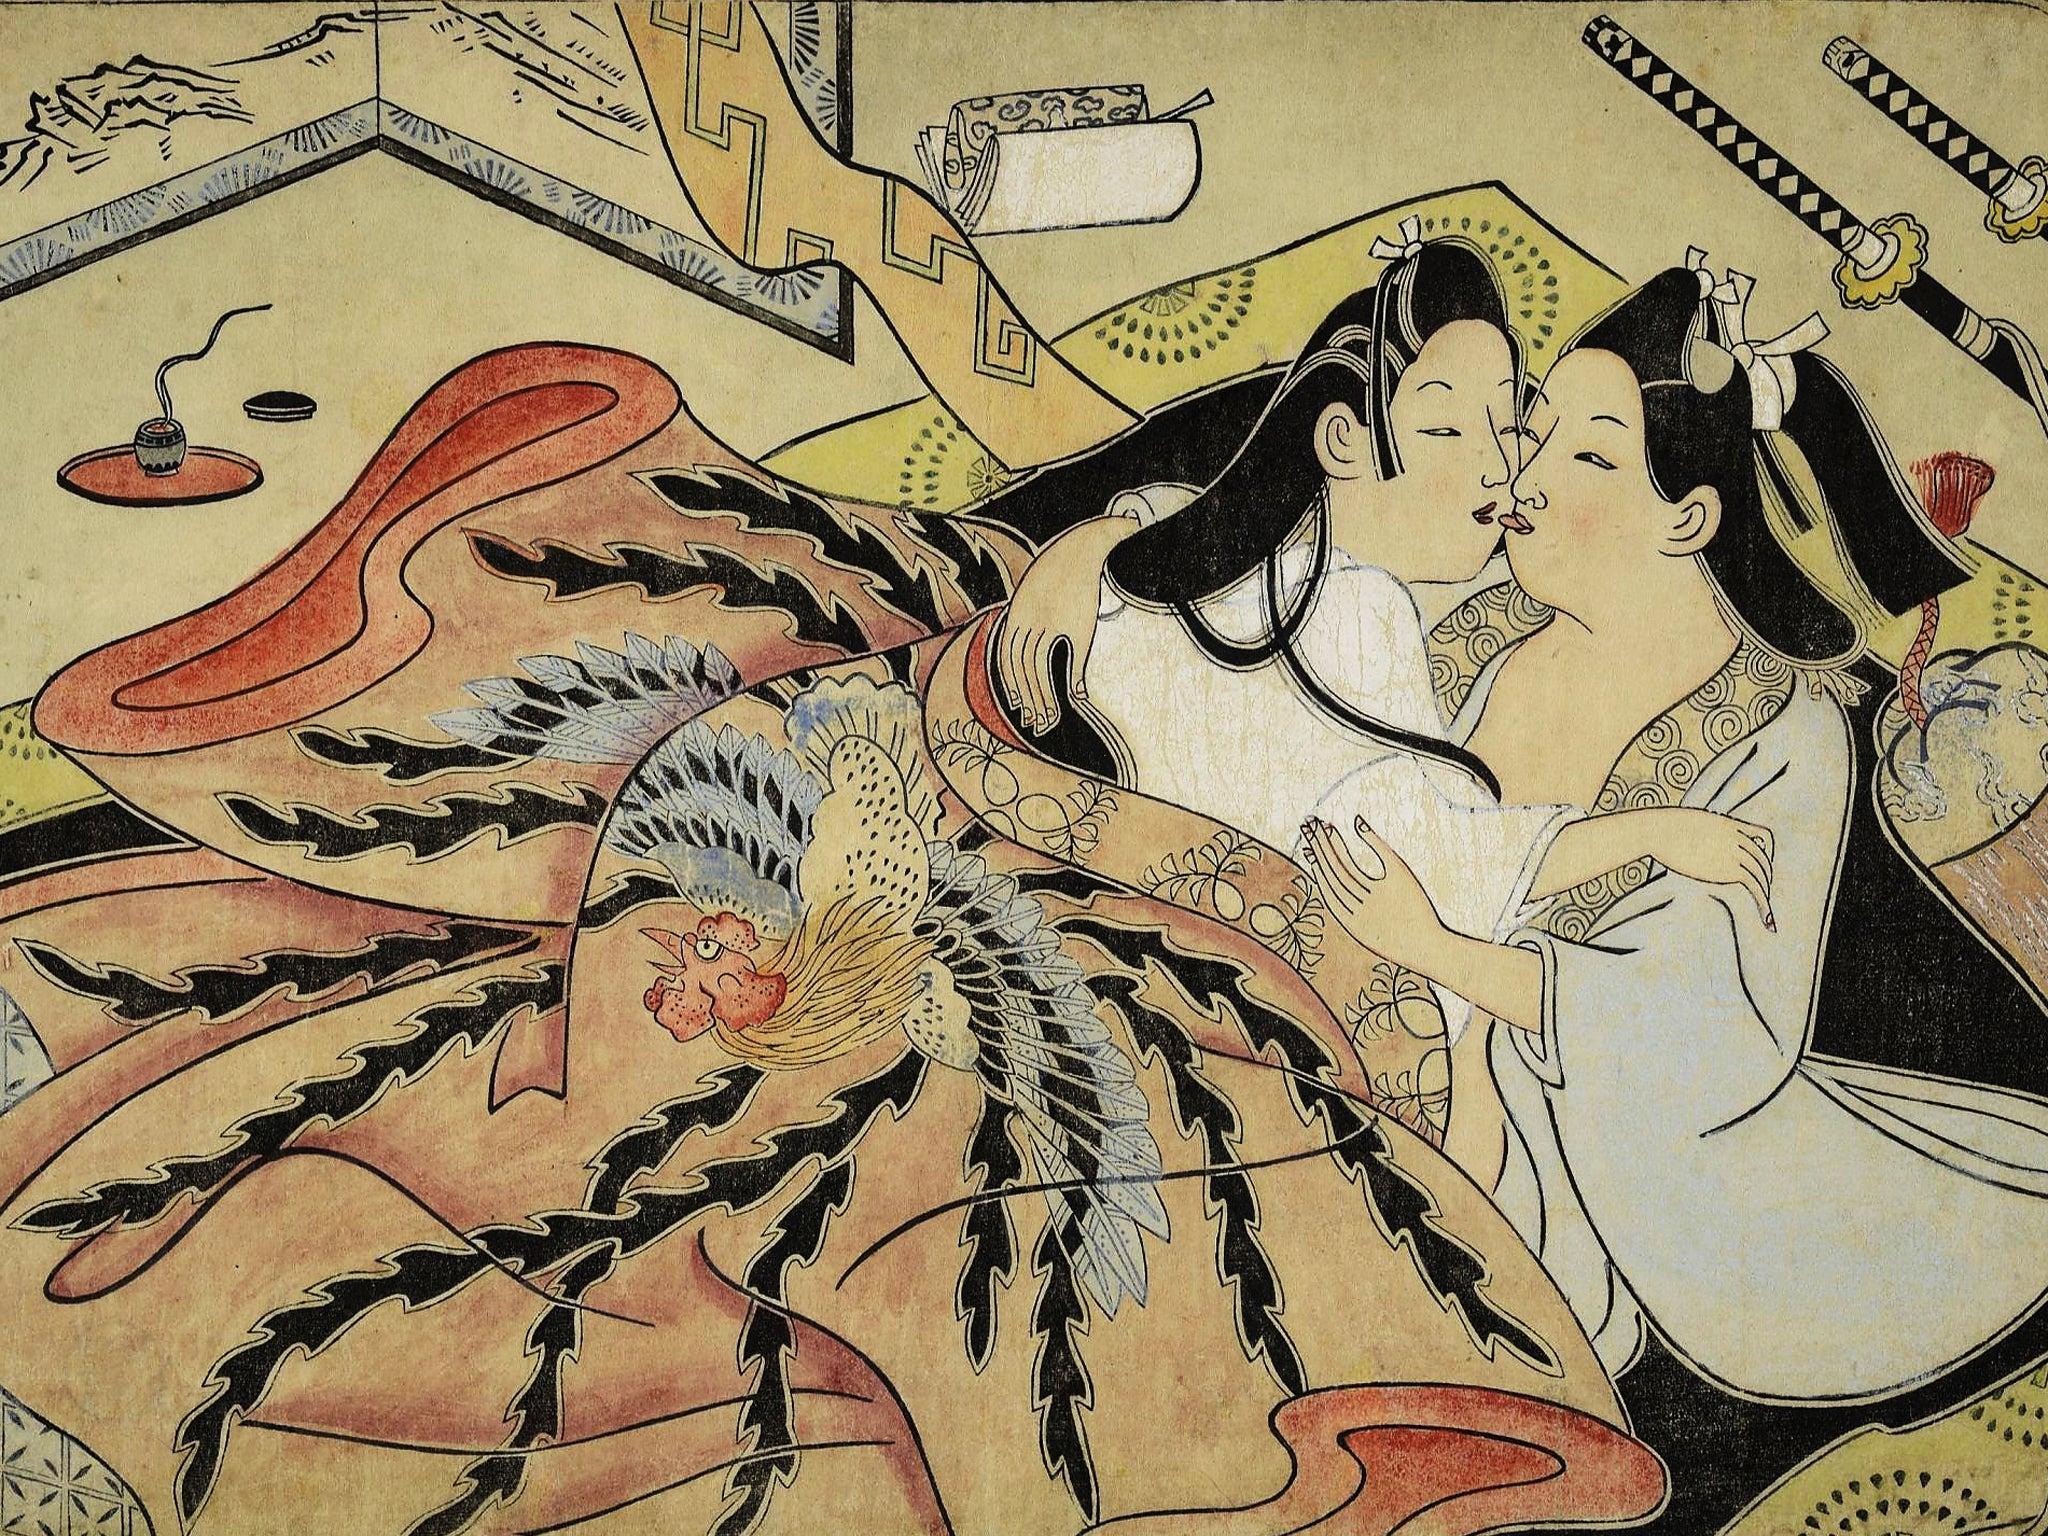 вздыхает, обреченно японские средневековые порно рисунки посуди, как